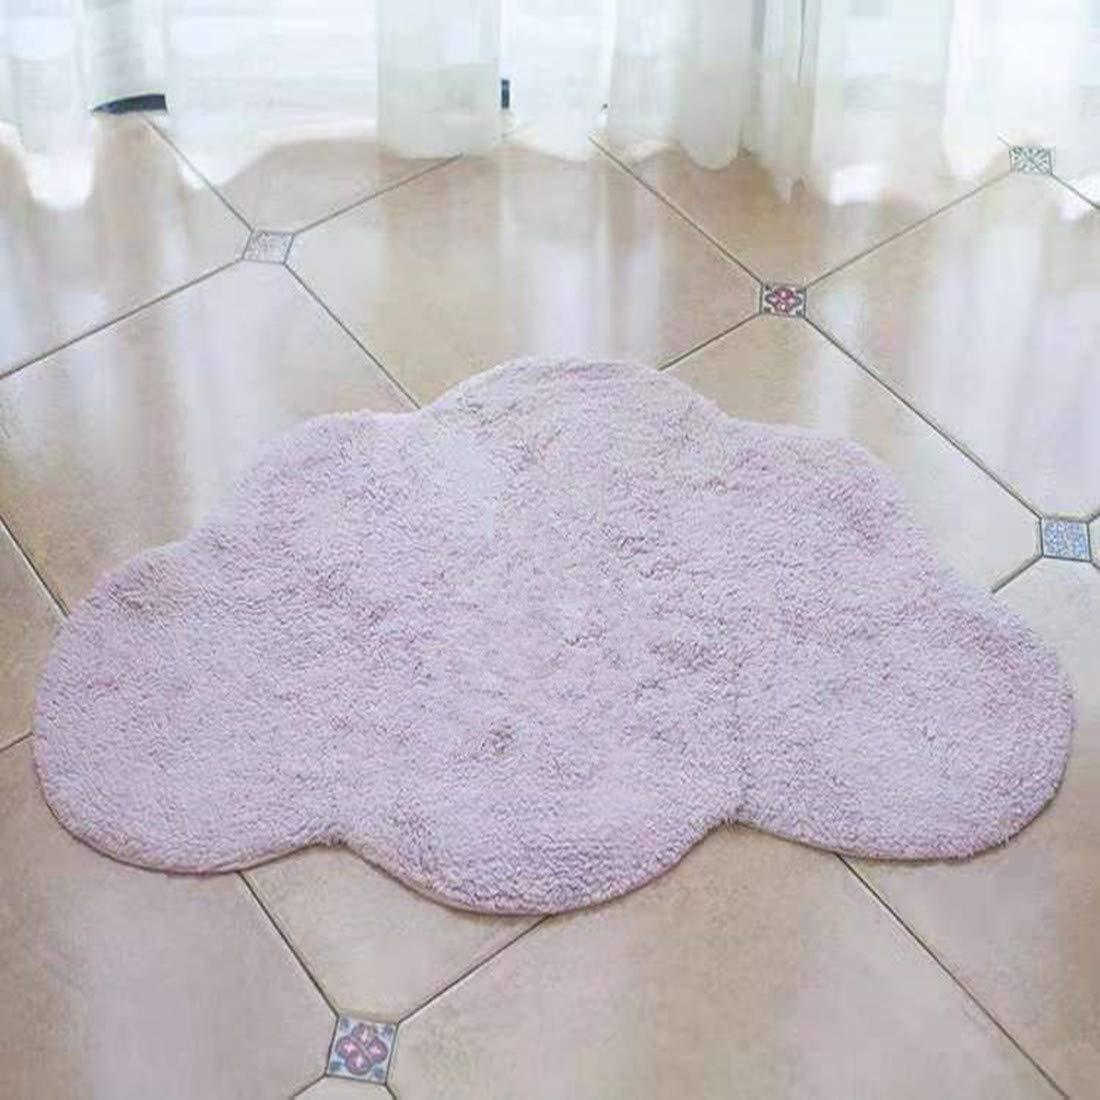 Stangent Wolke Baumwollmatte Kinderteppich Spielteppich Krabbelmatten Homeware Türmatten Kinderzimmer Deko (100 cm 65 cm) weiß B07K28759S Teppiche & Lufer